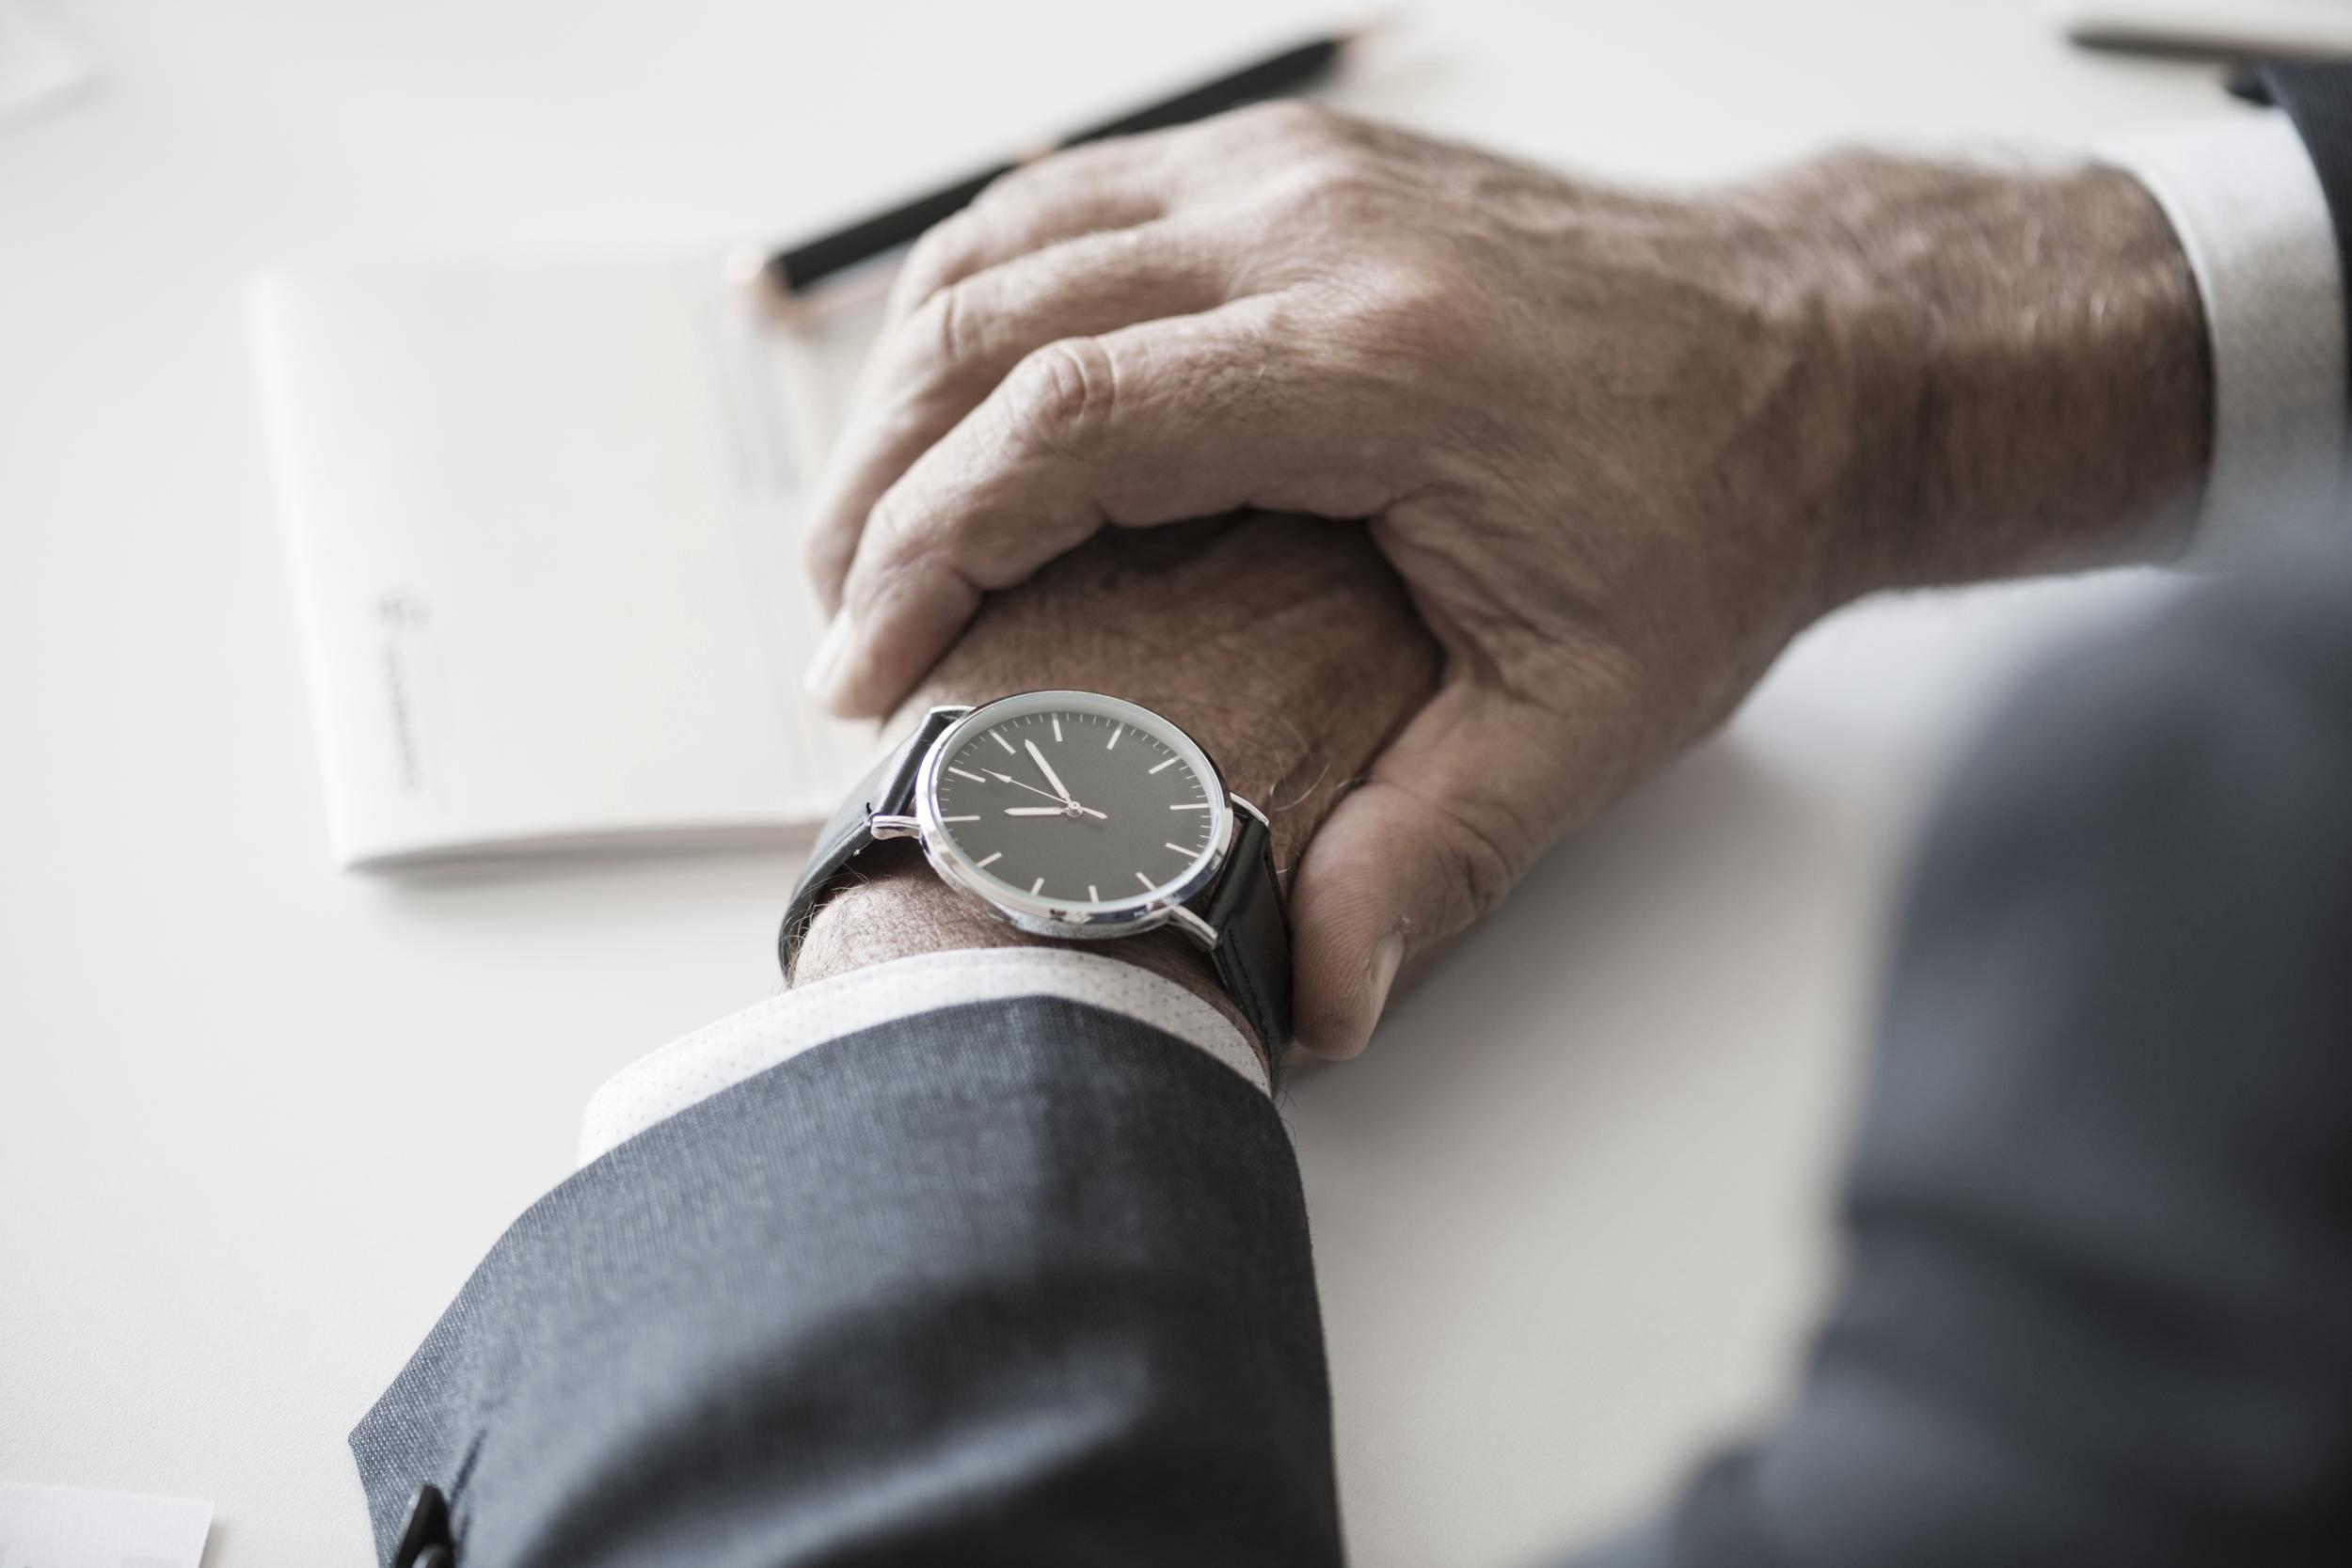 Ledelsesansvar i kapitalselskaber - I denne artikel beskriver vi de overordnede retningslinjer, som ledelsesmedlemmer i kapitalselskaber i Danmark skal holde sig for øje, herunder hvor ledelsesansvaret oftest ses anvendt i praksis.